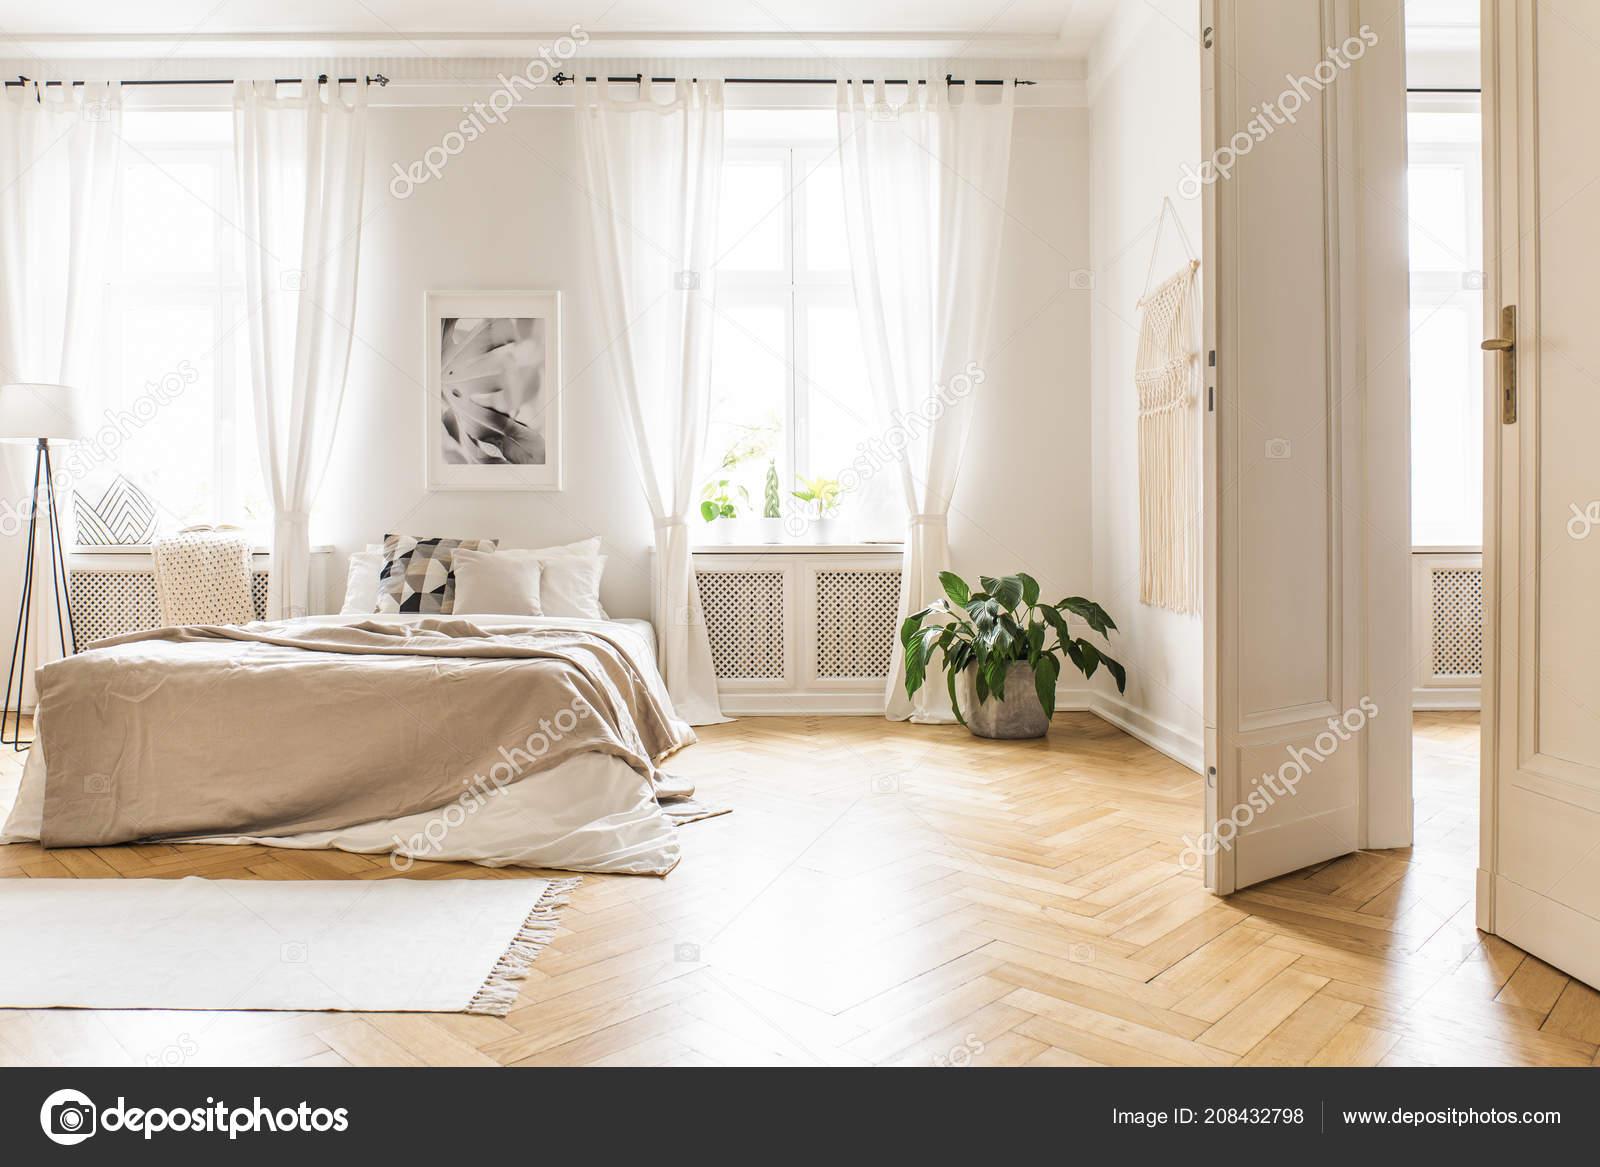 Decorazioni Luminose Per Interni : Interno camera letto spaziose luminose con decorazioni beige